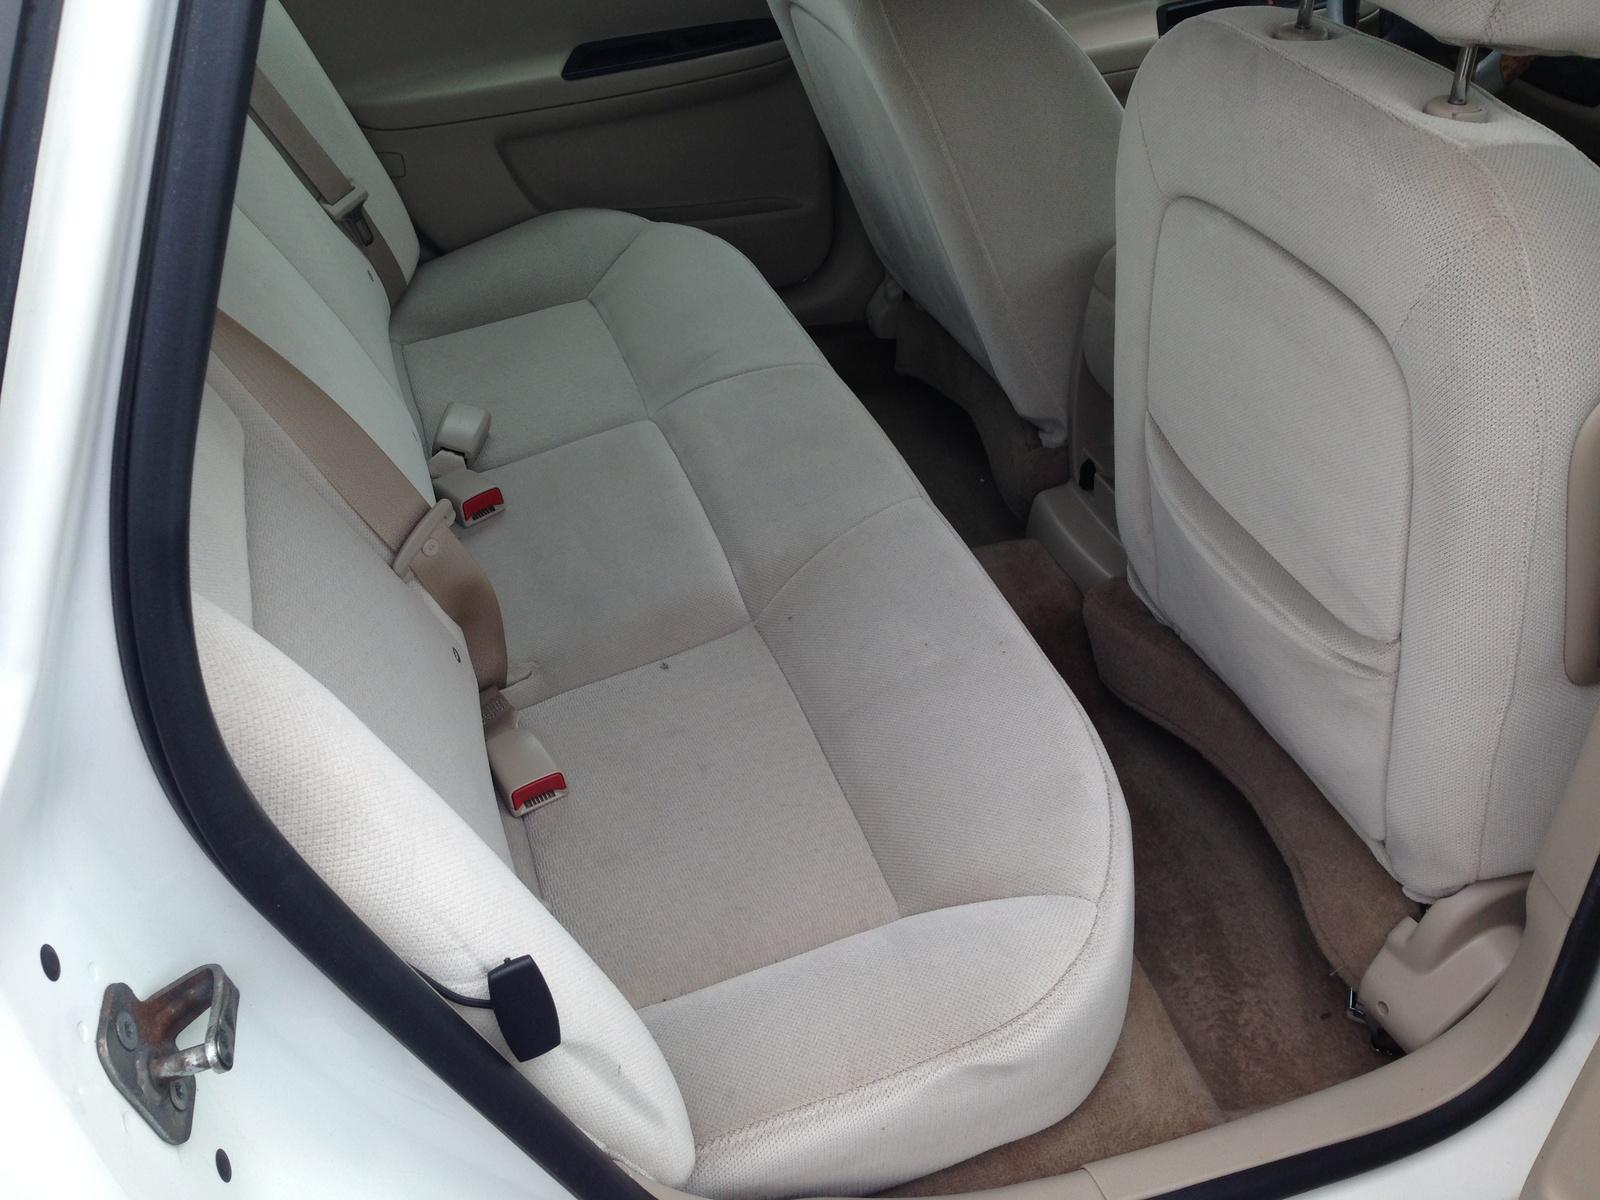 2009 Chevrolet Impala